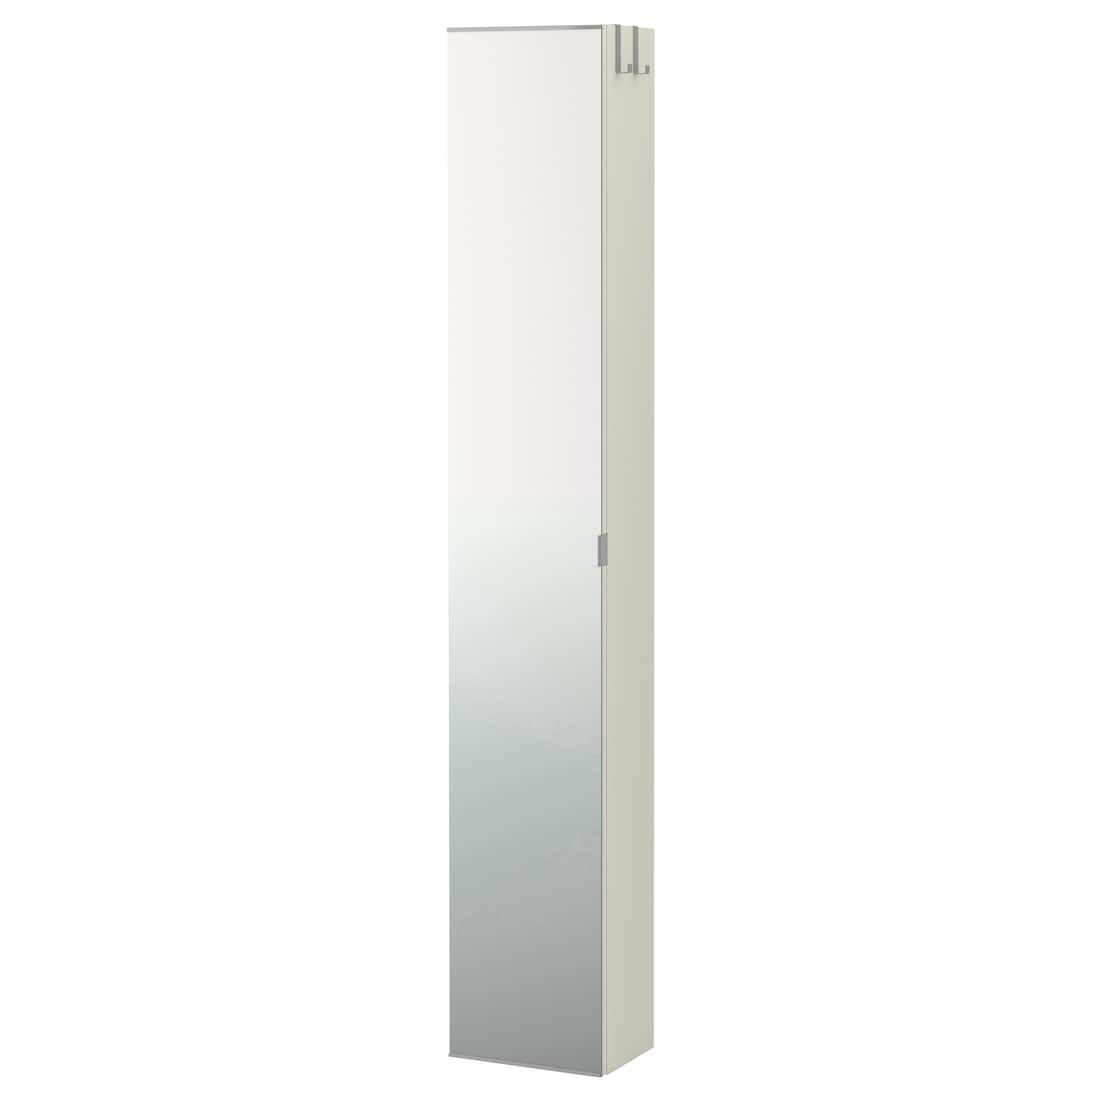 Lillangen Hochschrank Mit Spiegeltur Weiss Ikea Deutschland Hochschrank Spiegeltur Badezimmer Spiegelschrank